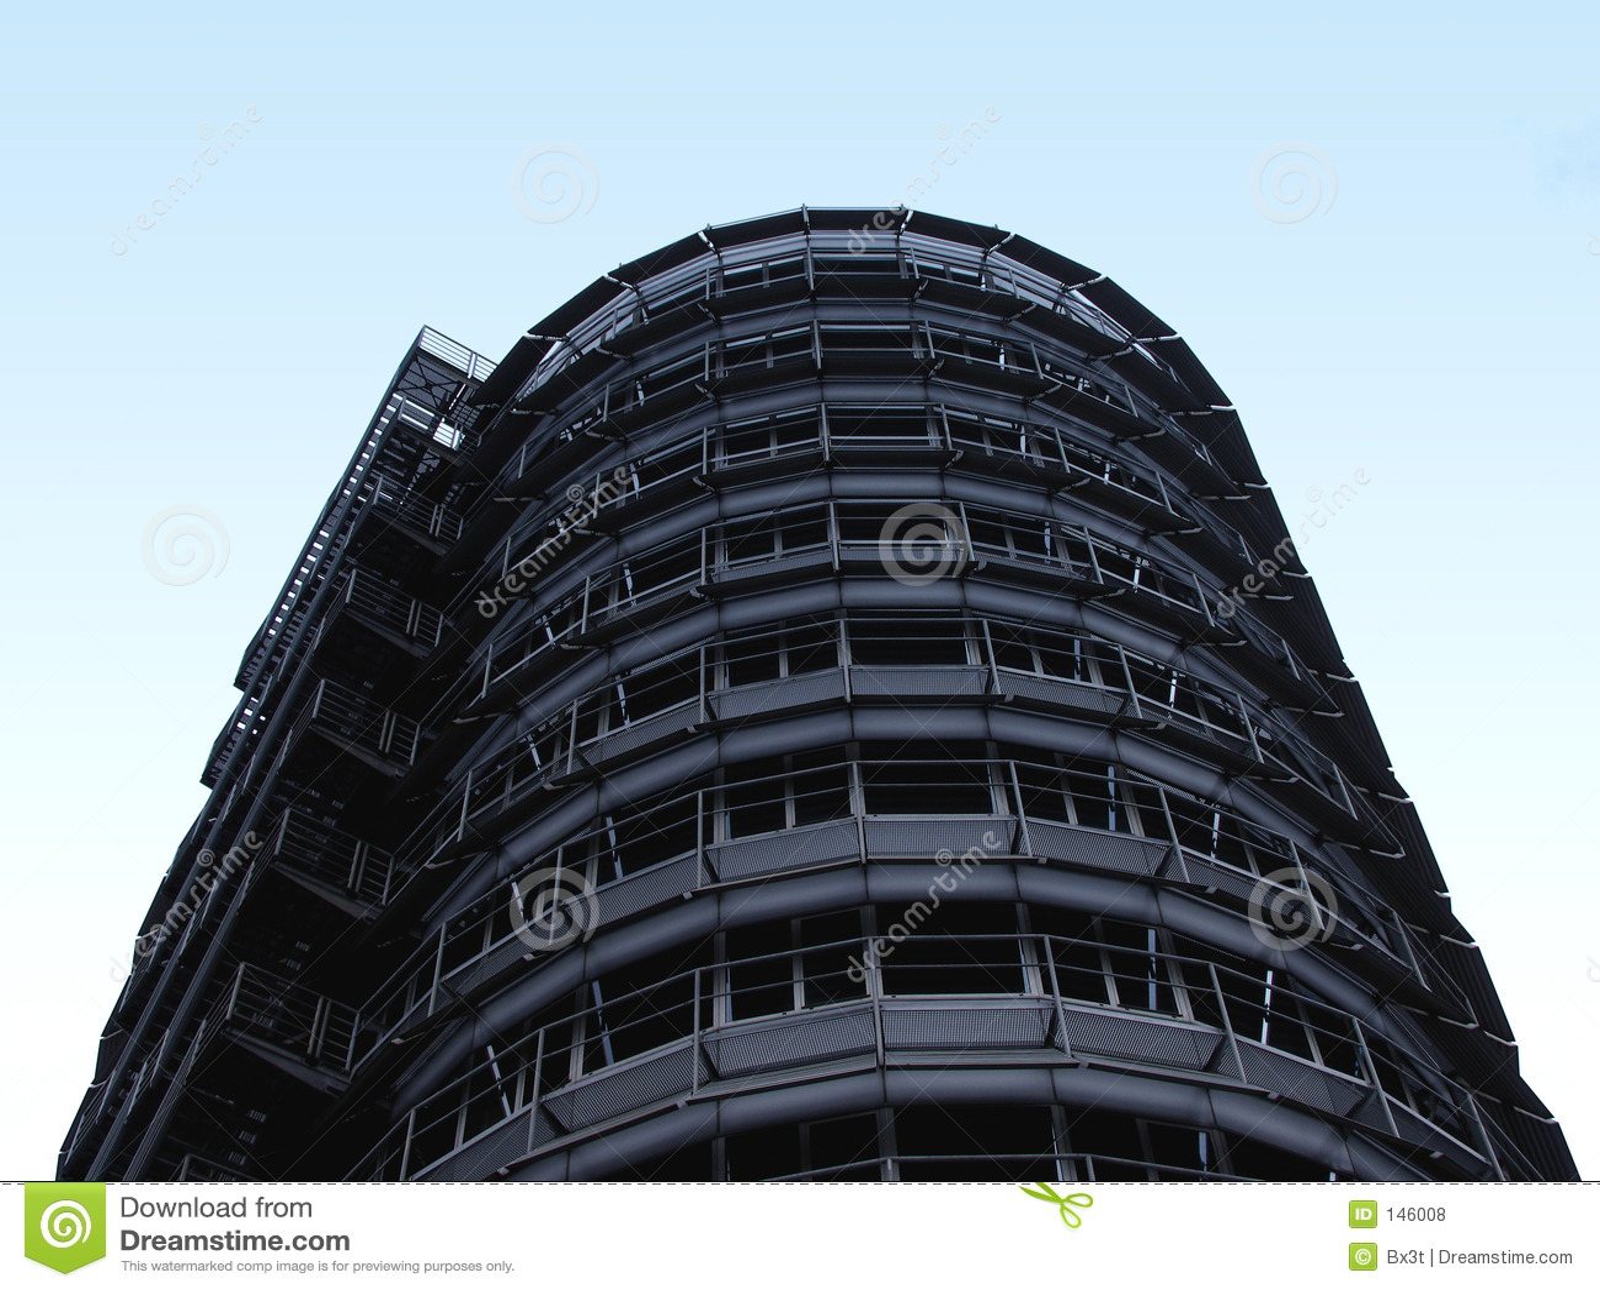 Stahlgebäude im Himmel